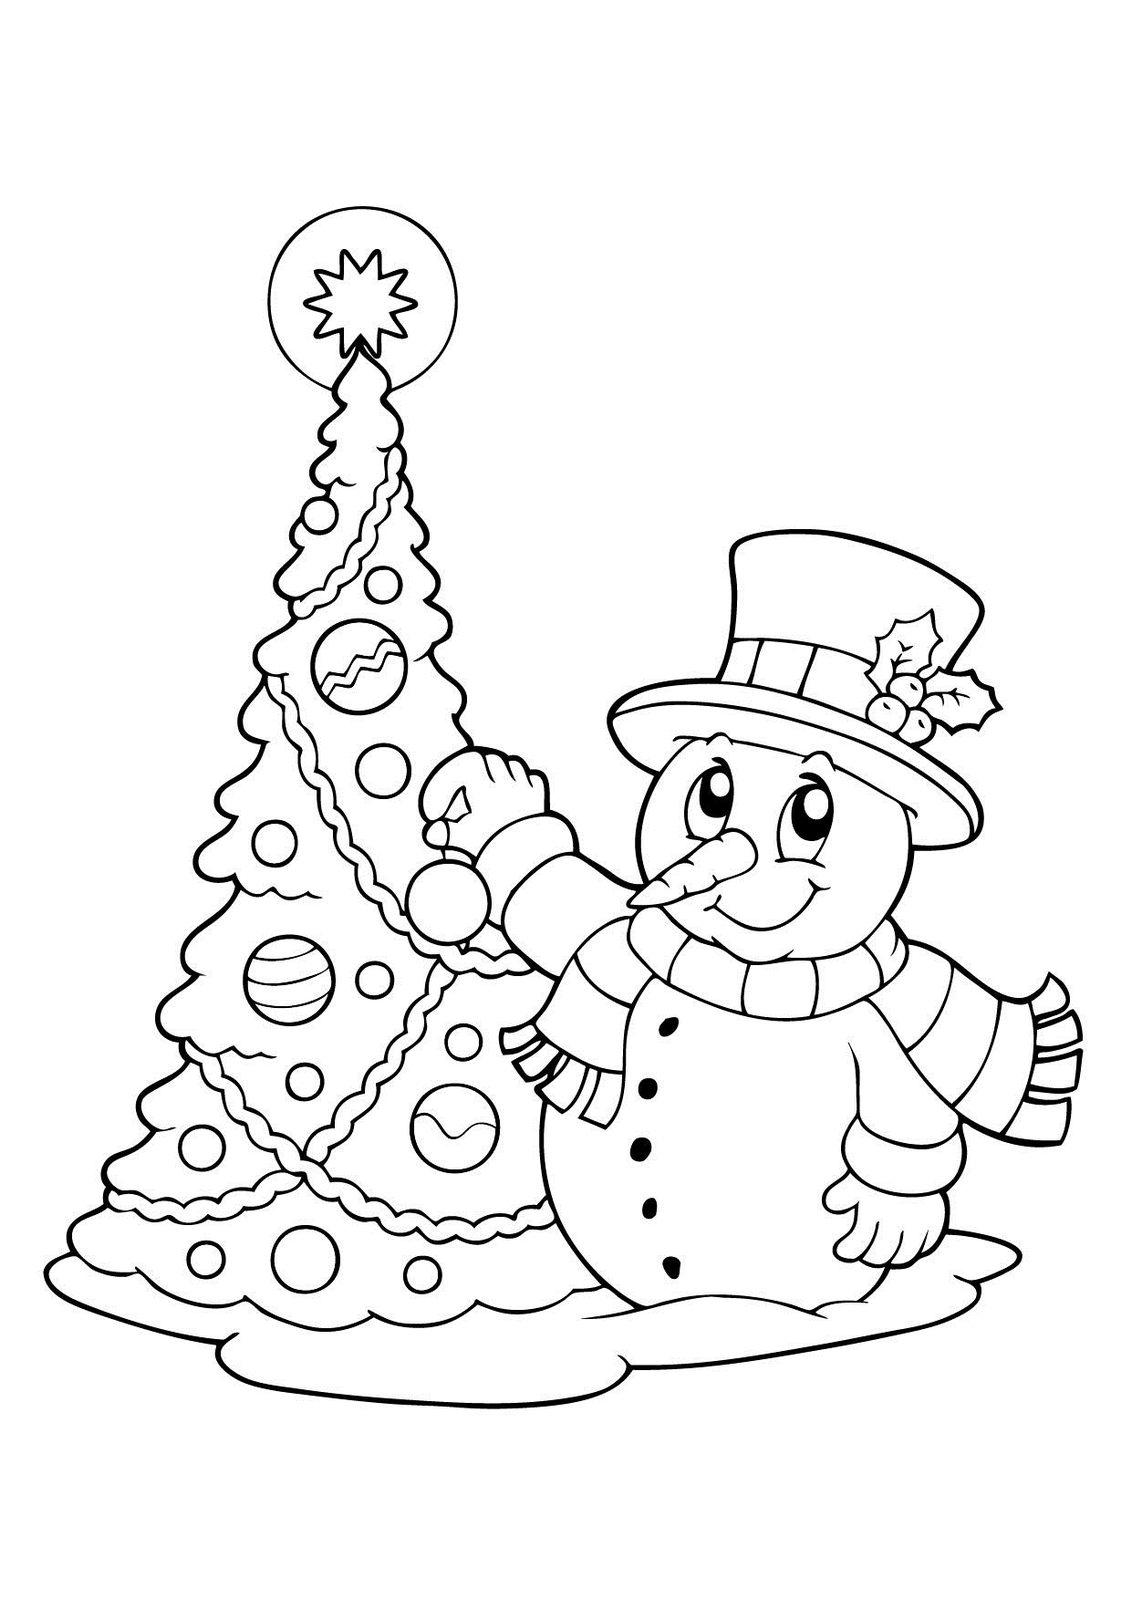 Раскраска Снеговик для детей, распечатать 40 красивых шаблонов картинки